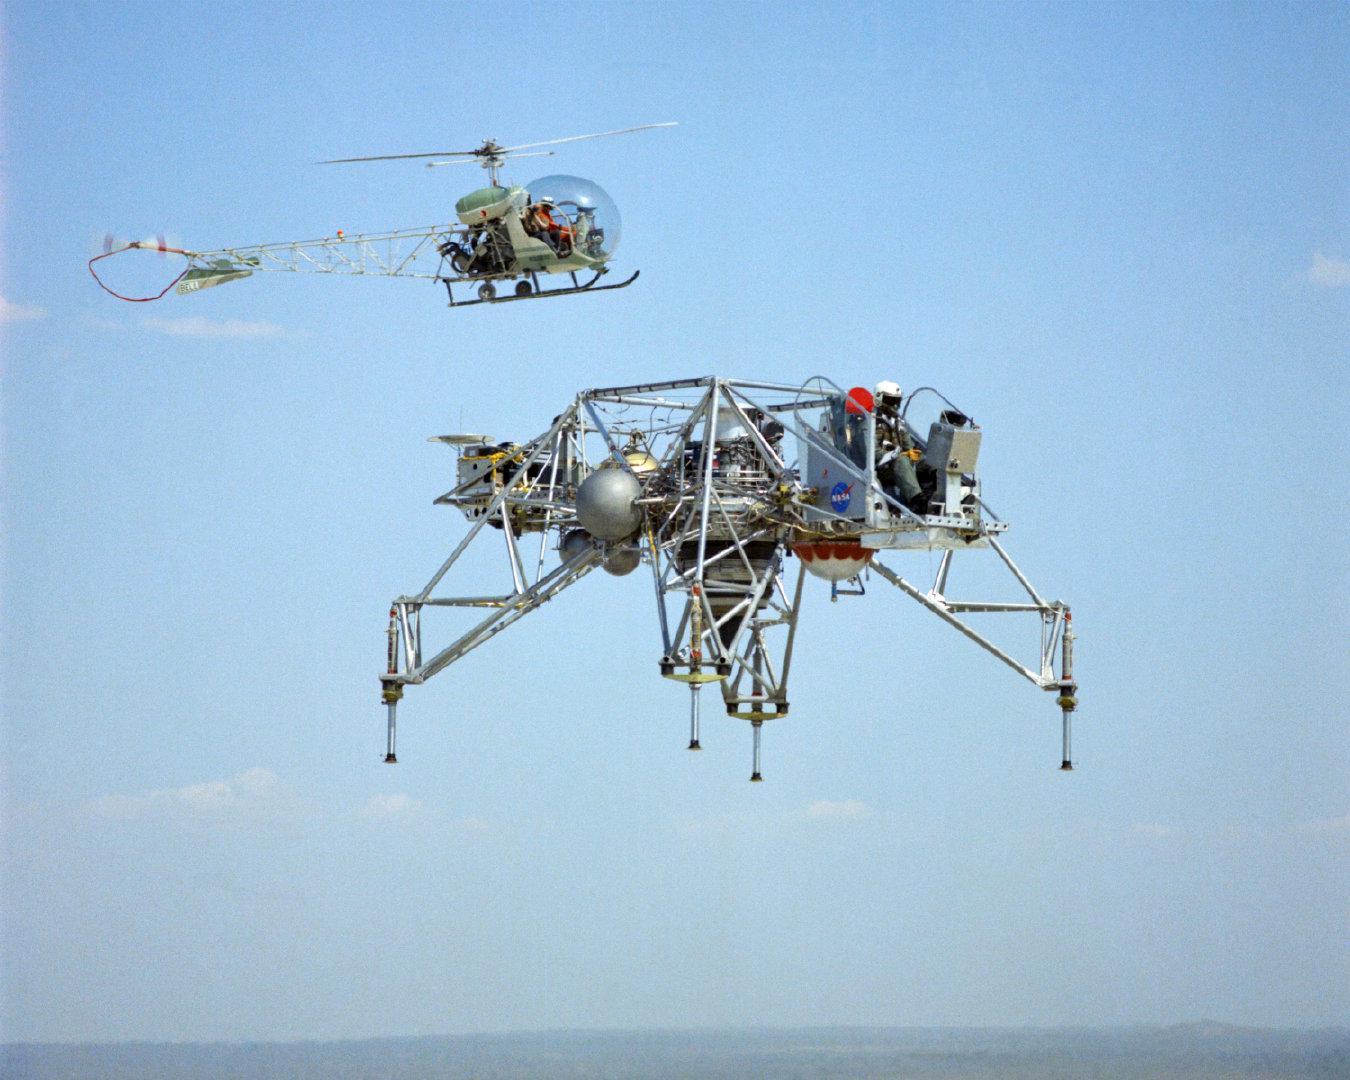 图1是登月验证飞行器LLRV和贝尔47直升机